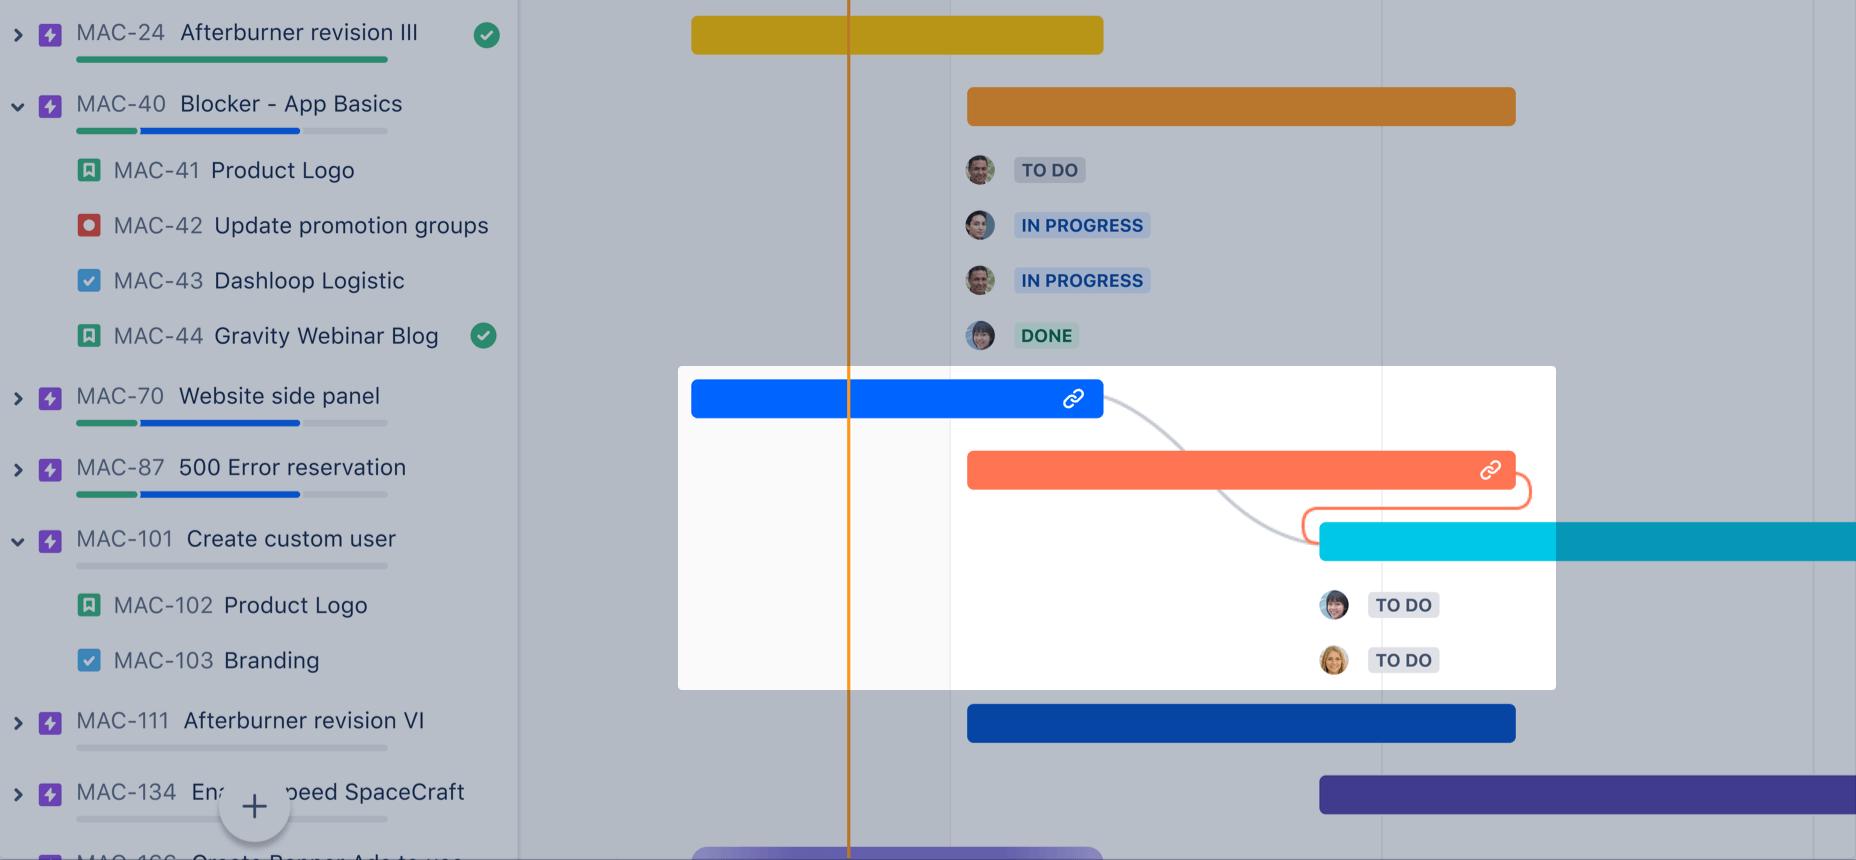 Alapvető útvonalterv-függősekről készült képernyőkép